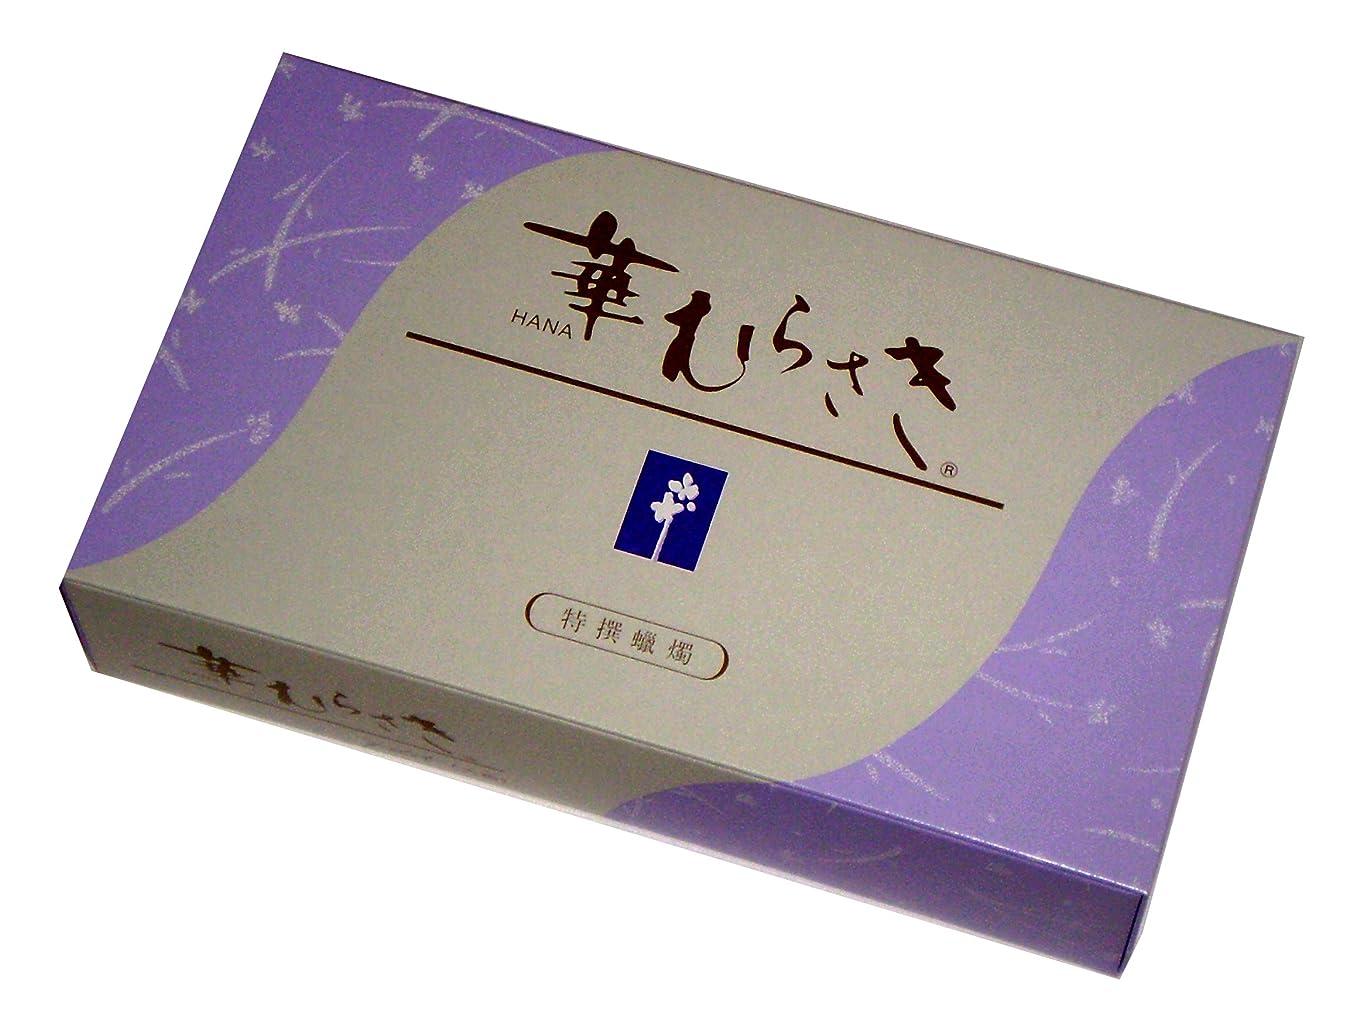 ウォルターカニンガムパイプライン受動的東海製蝋のろうそく 花びらローソク 華むらさき プチ 大箱